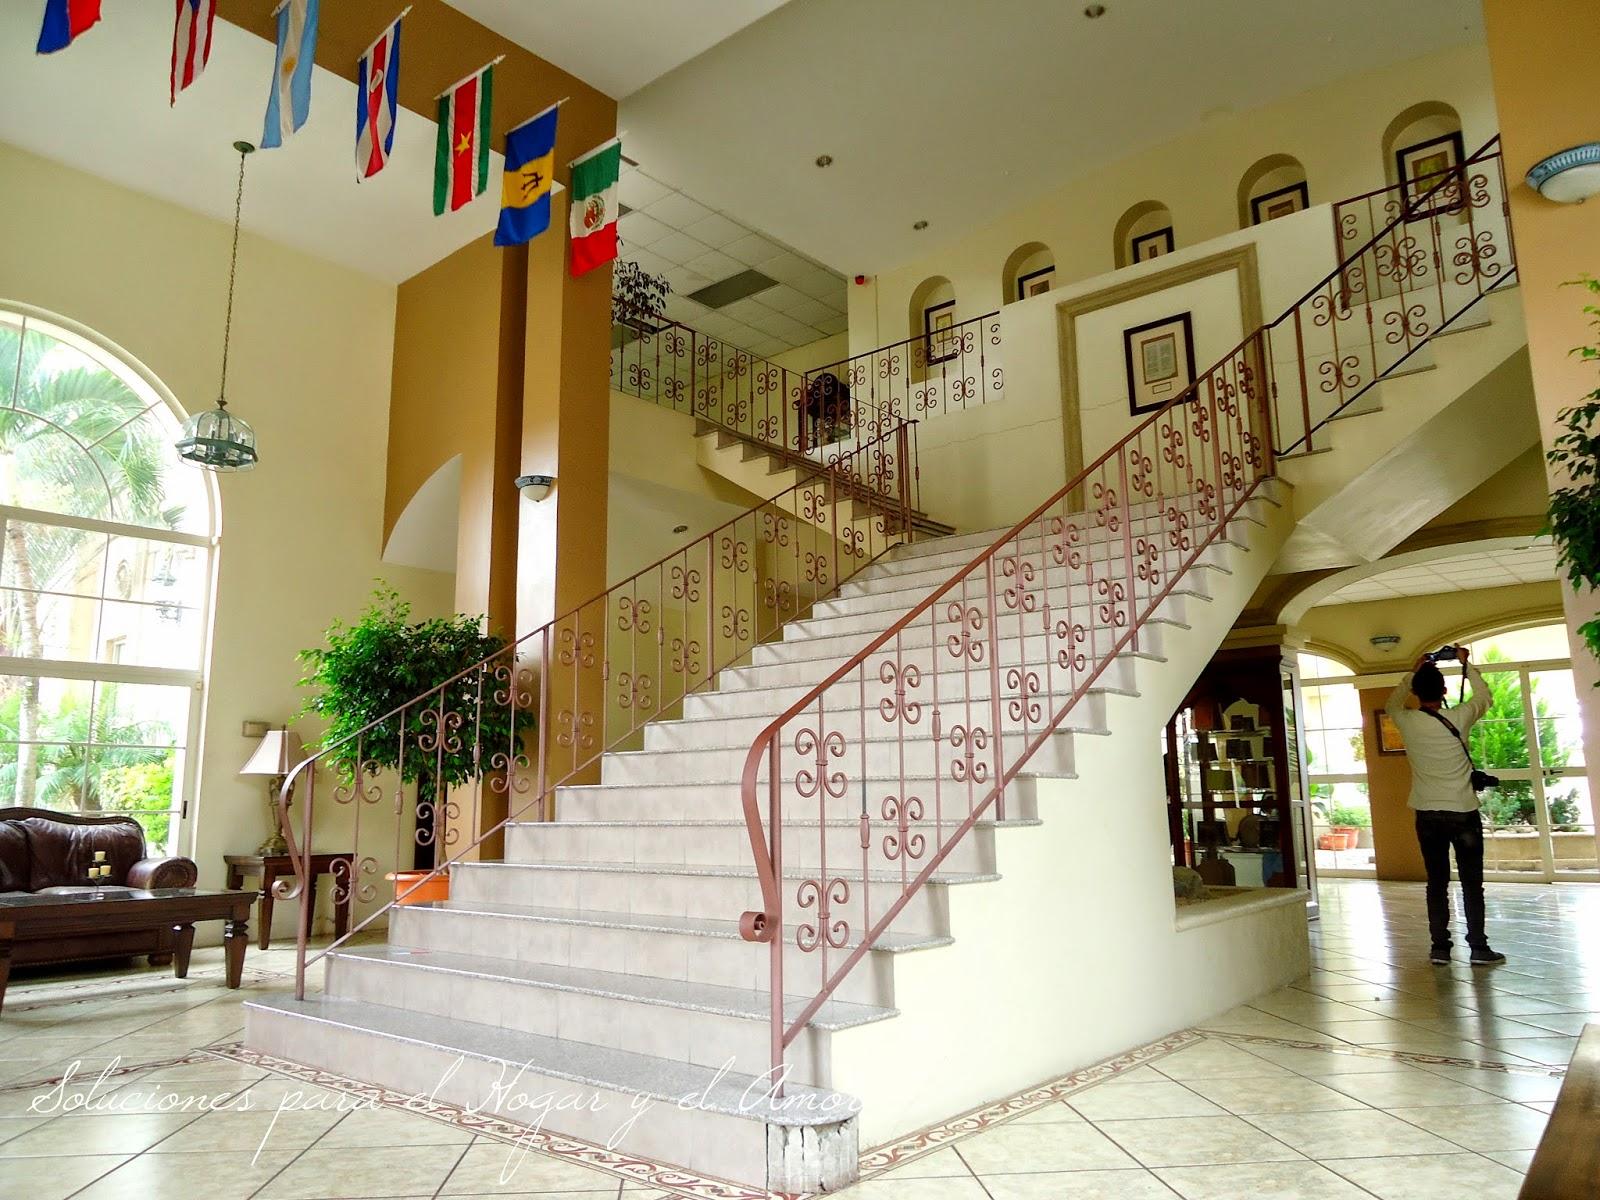 salas, escalera, vestíbulo, ventanales, lámparas, muebles